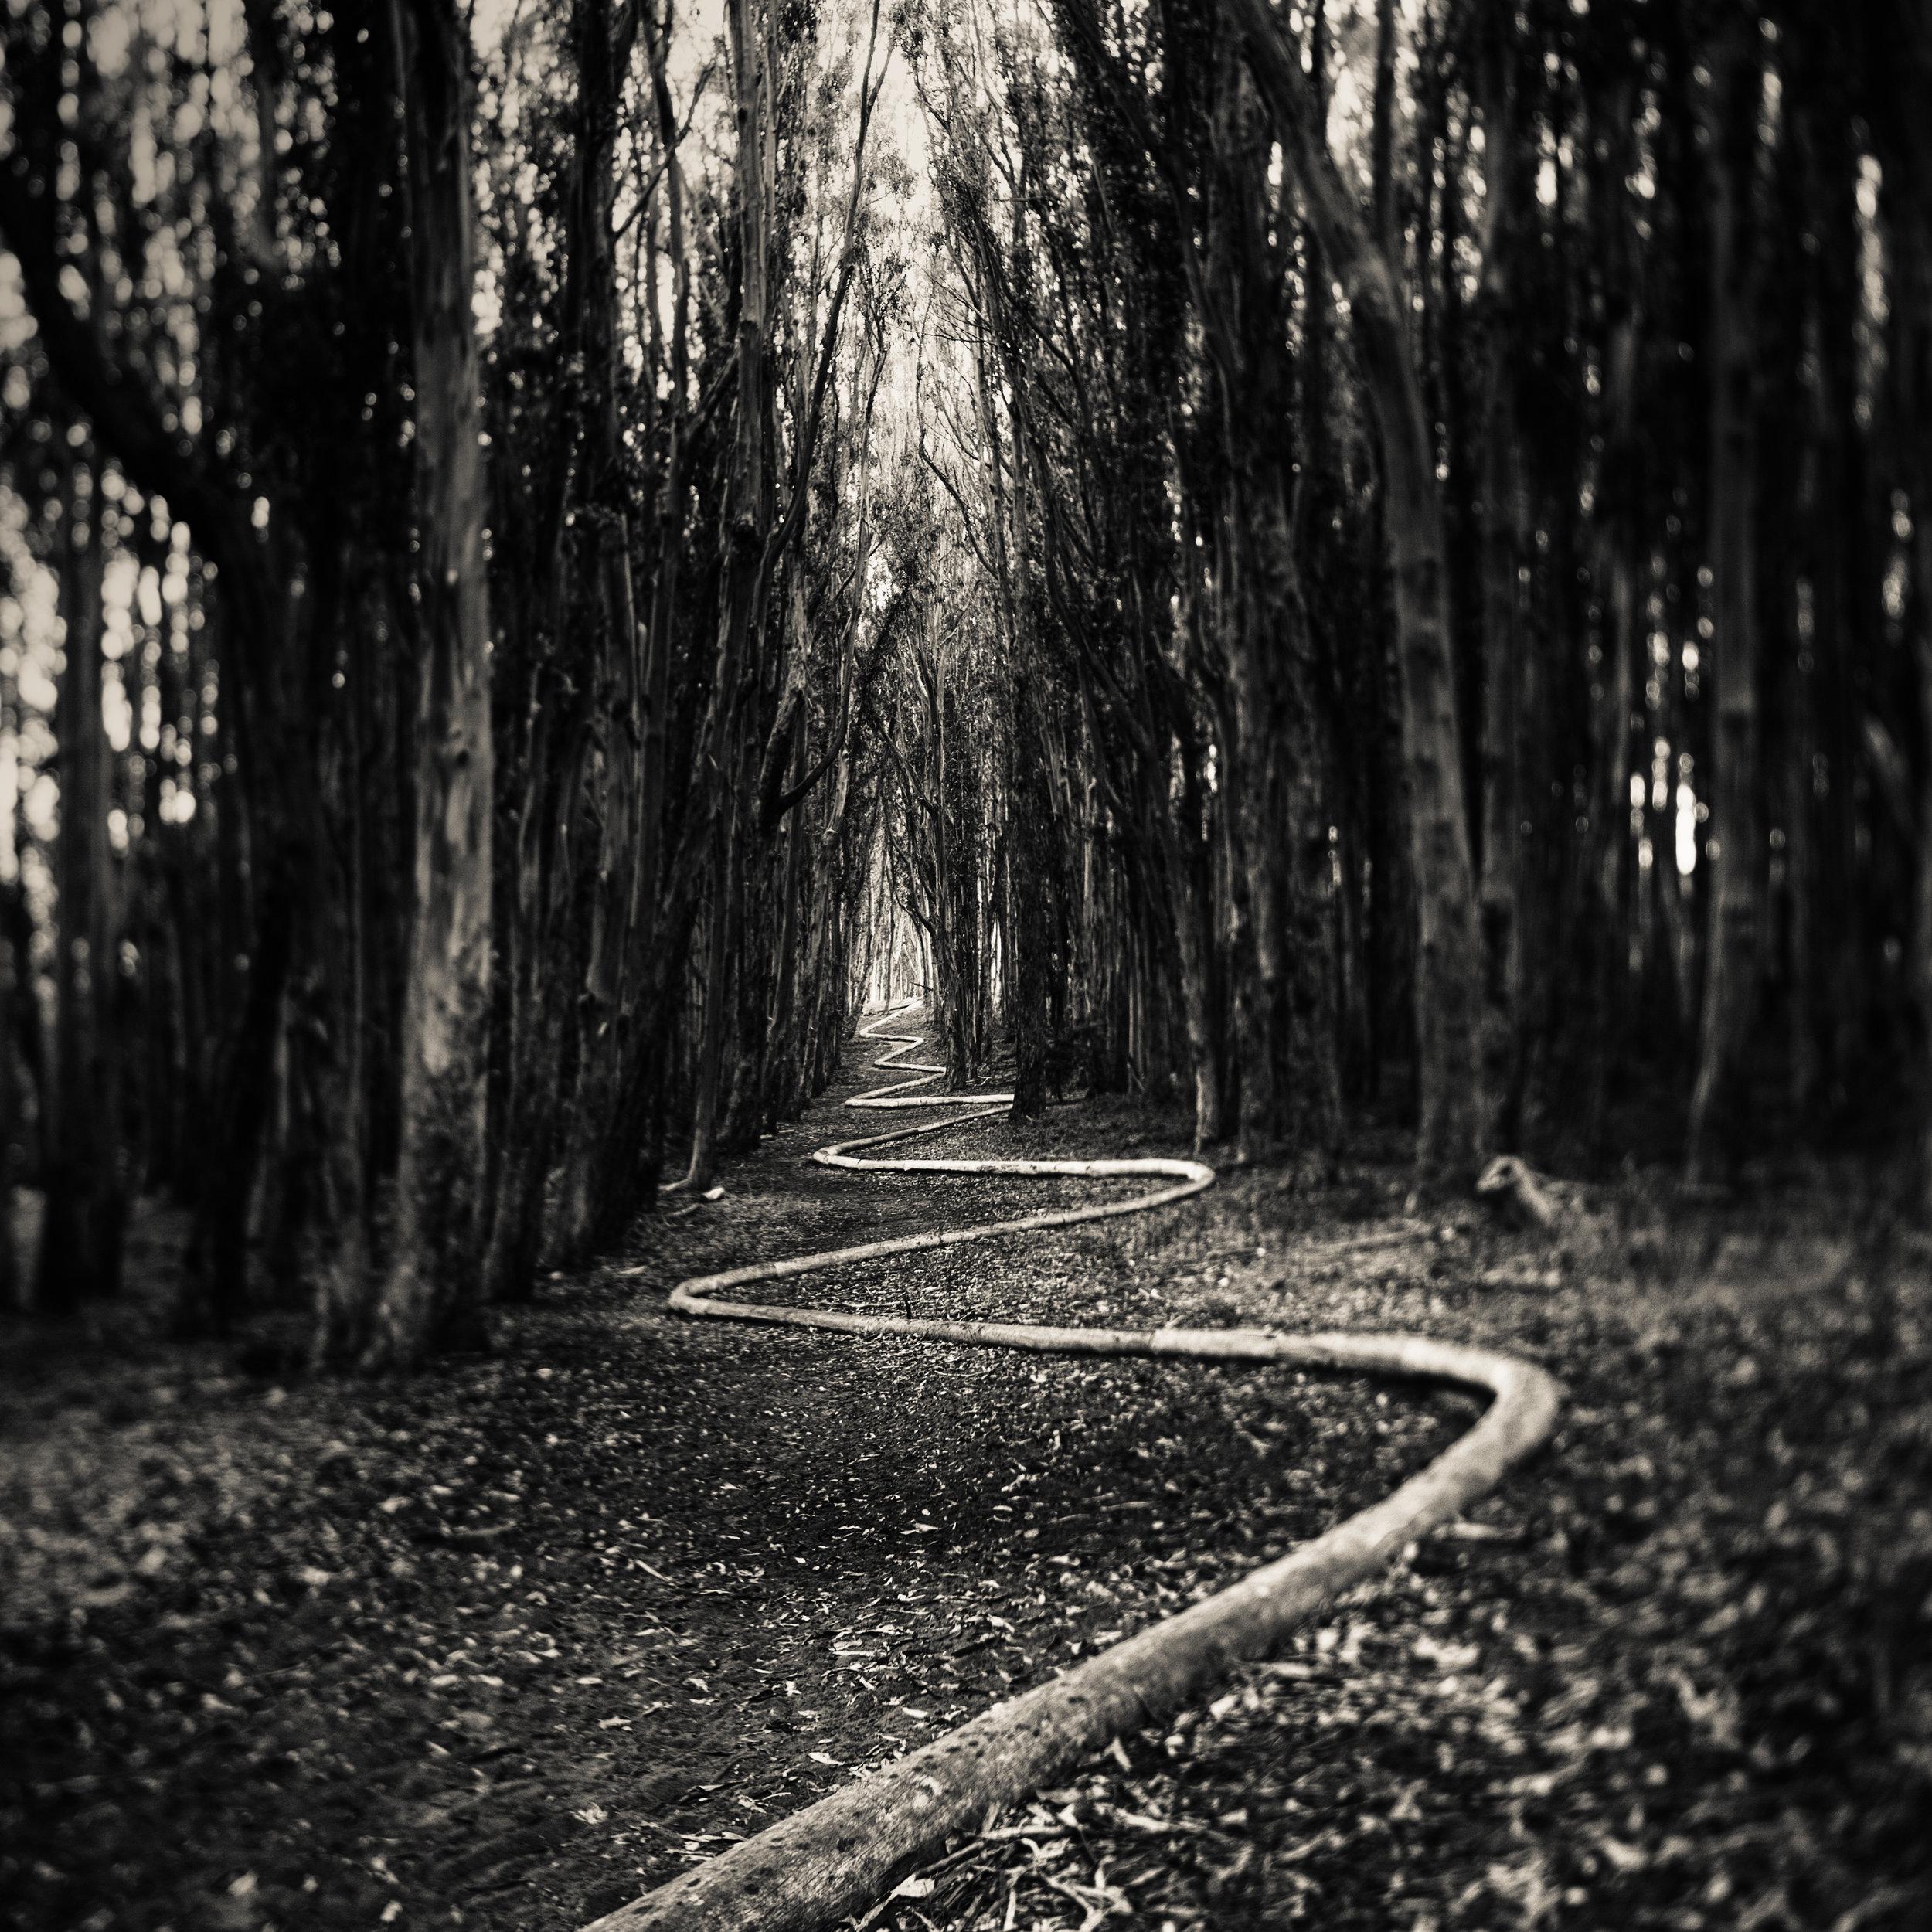 San Francisco presidio goldsworthy wavy line path forest